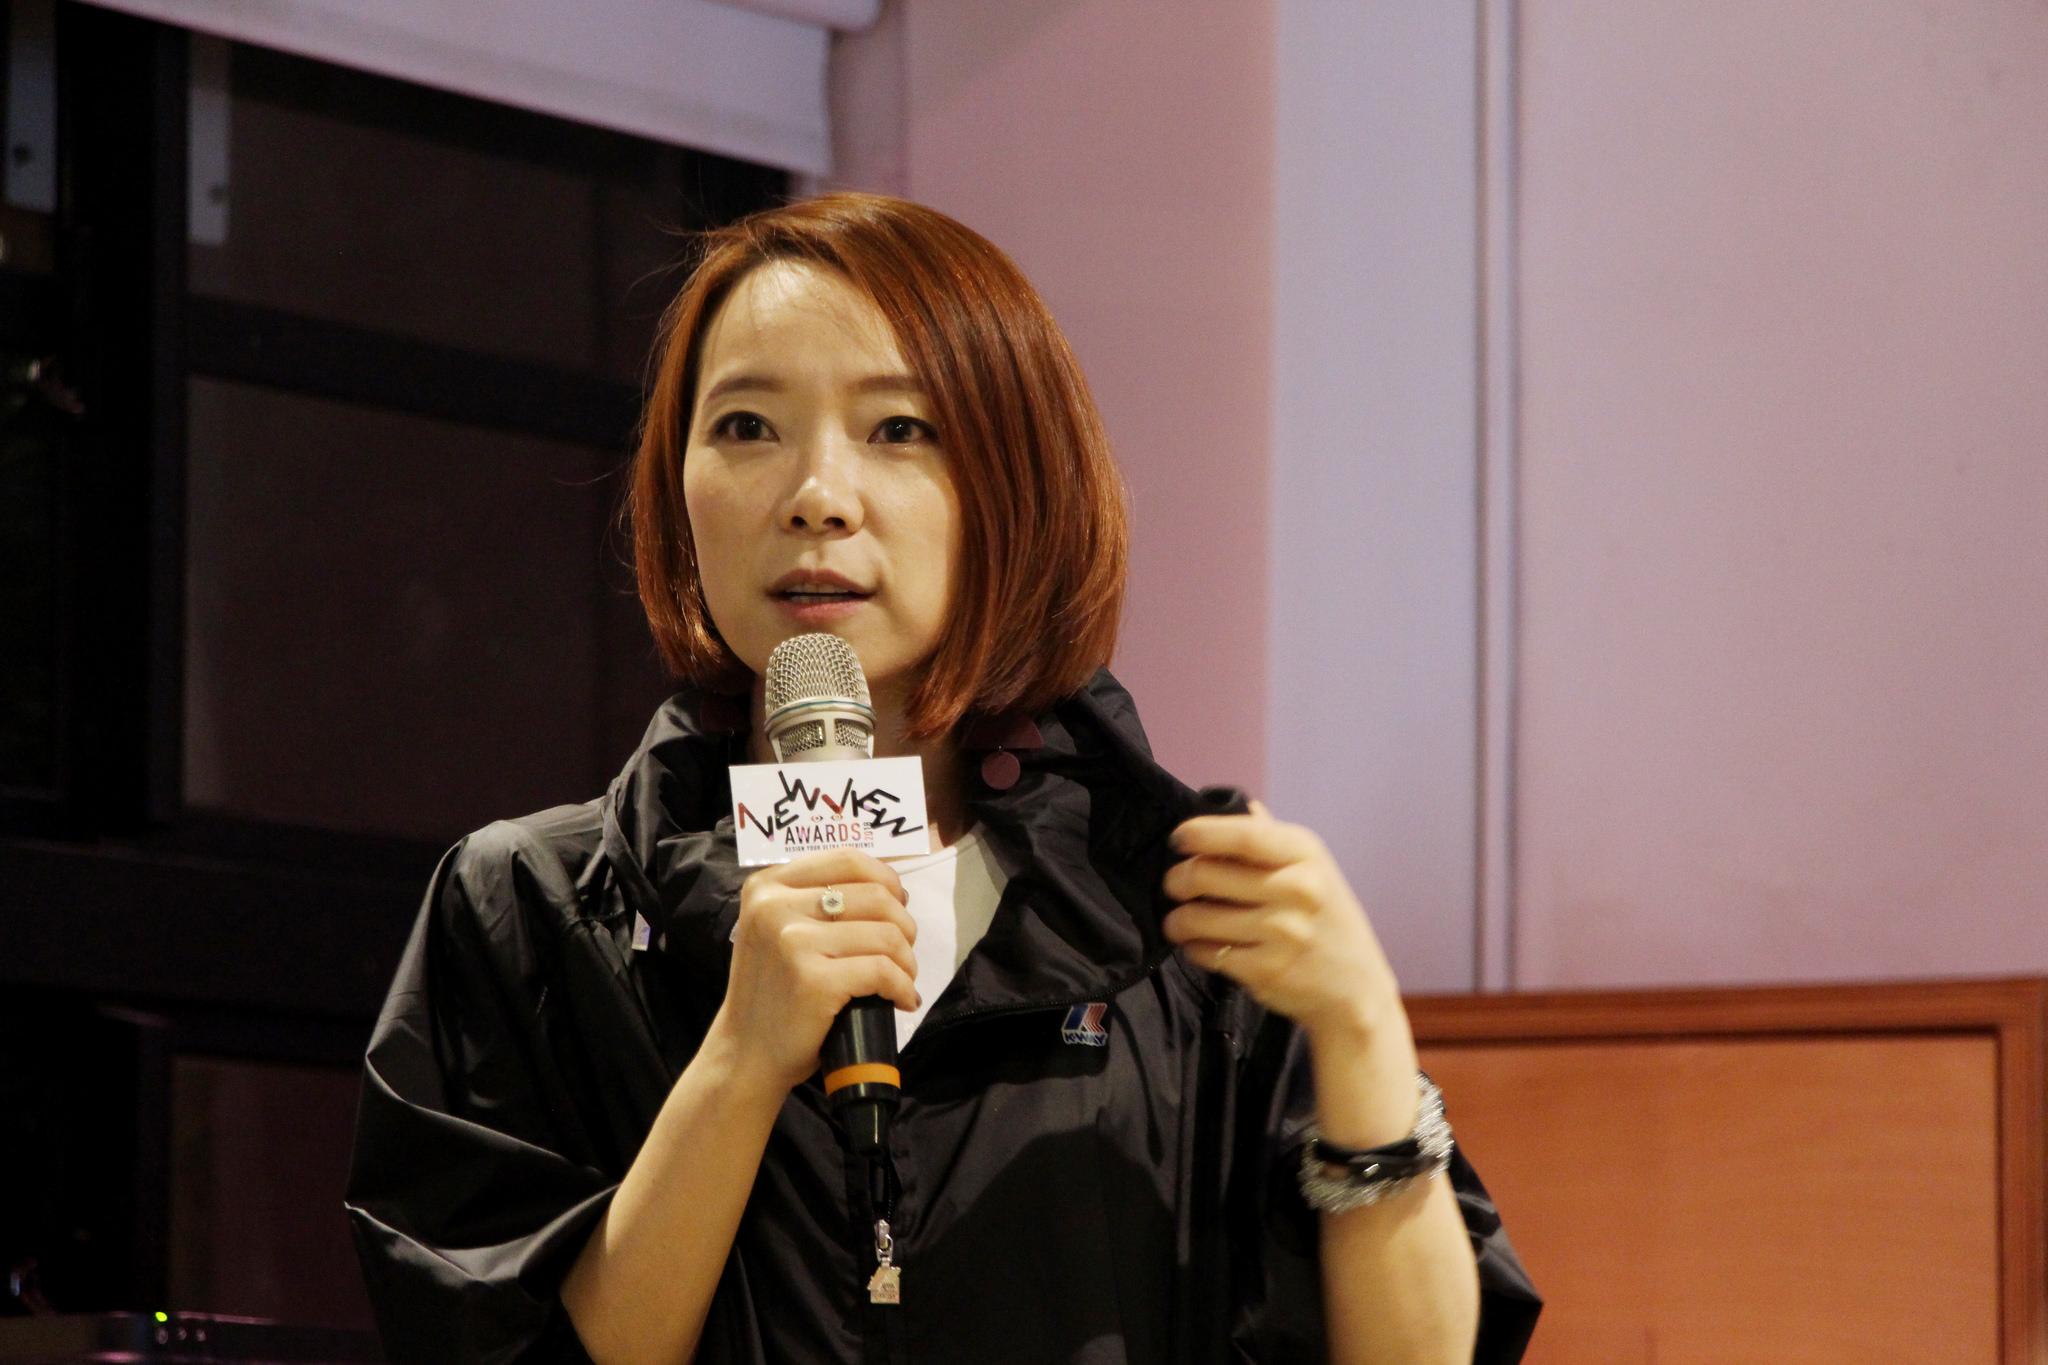 NEWVIEW審査員であるAgi Chenさん。自身の作品制作の中で得られた知見をVR制作にどう活かせるかをお話してくれました